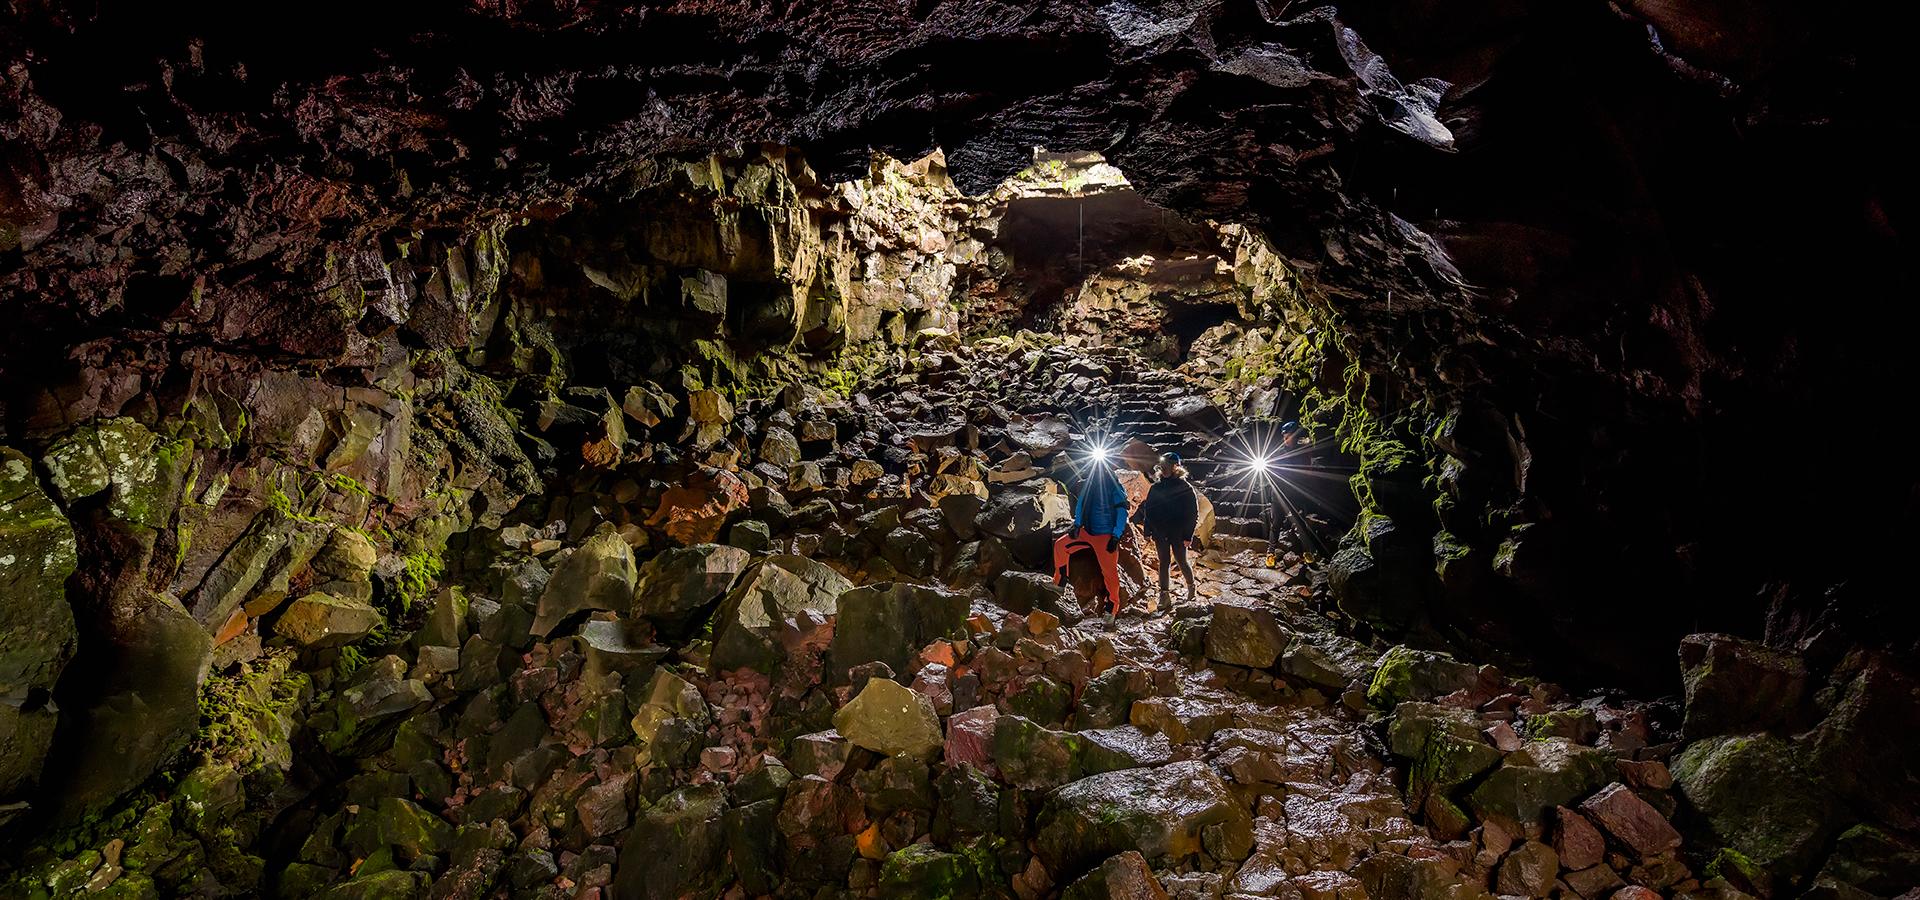 Visita los túneles de lava de Raufarhólshellir en esta emocionante excursión de un día.